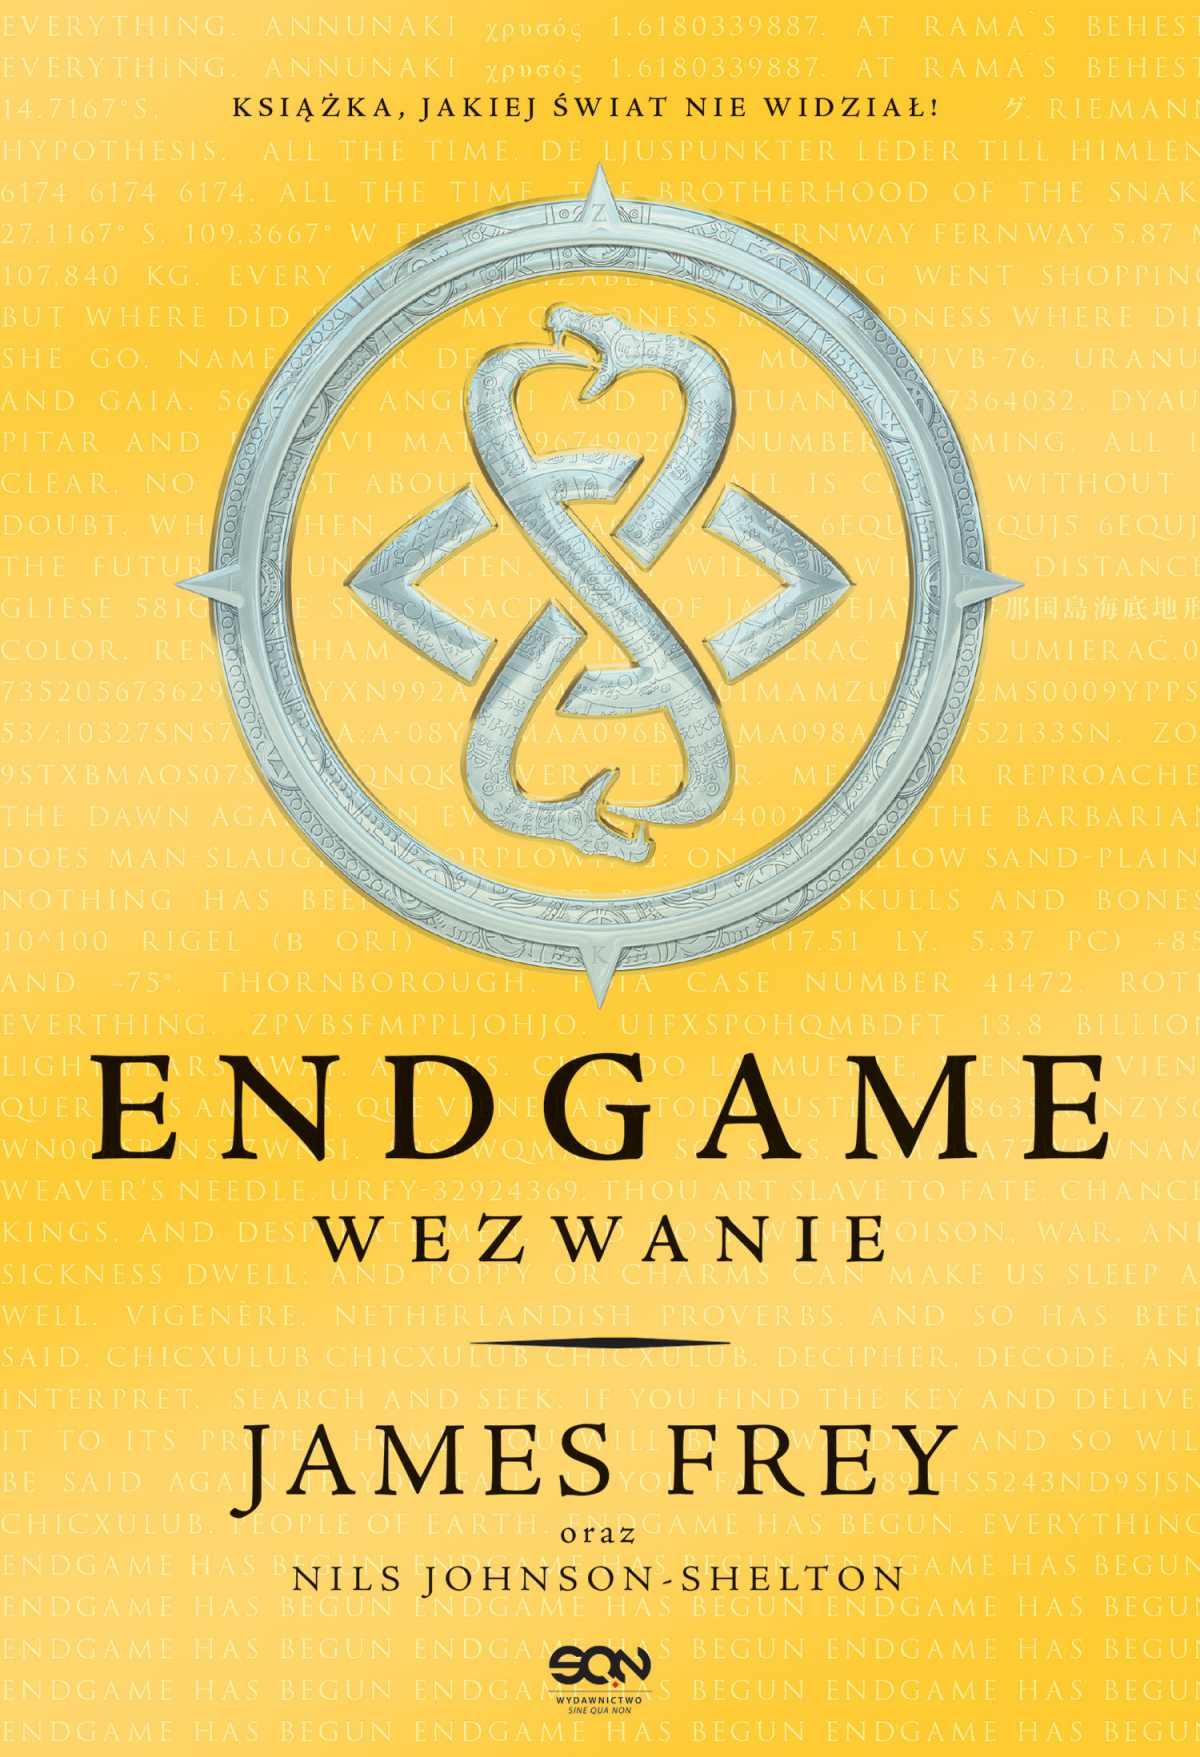 Endgame. Wezwanie - Ebook (Książka EPUB) do pobrania w formacie EPUB